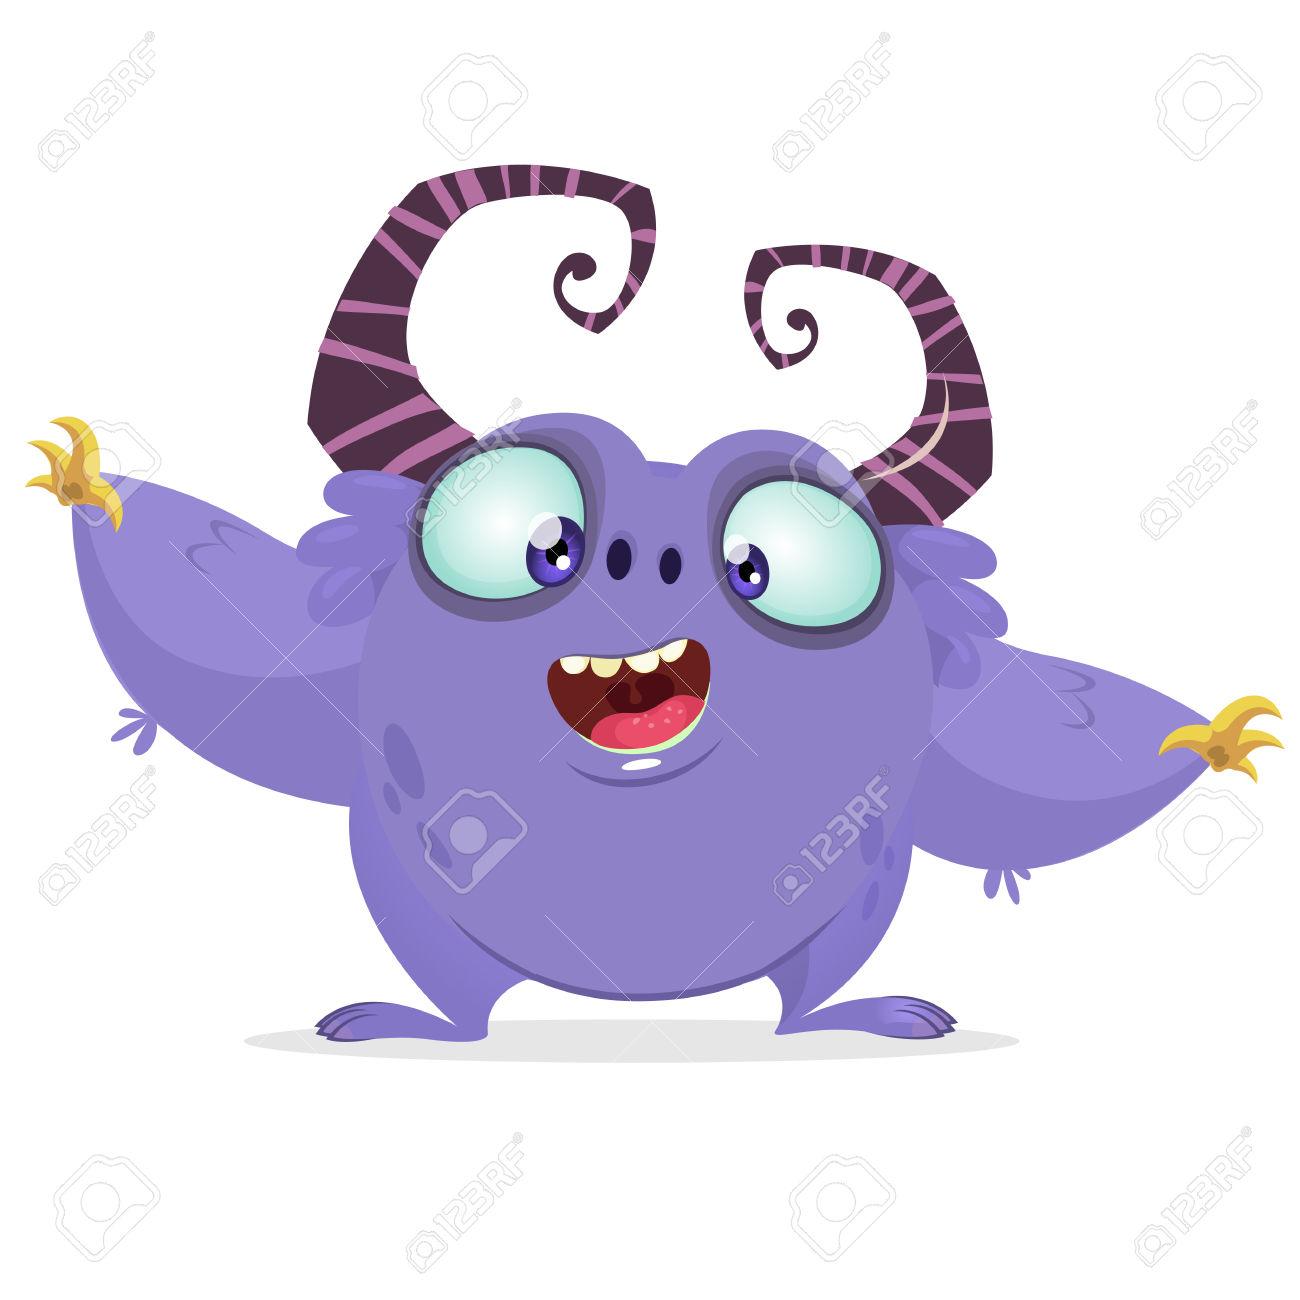 Vector Cartoon Purple Monster With Big Horns. Halloween Furry.